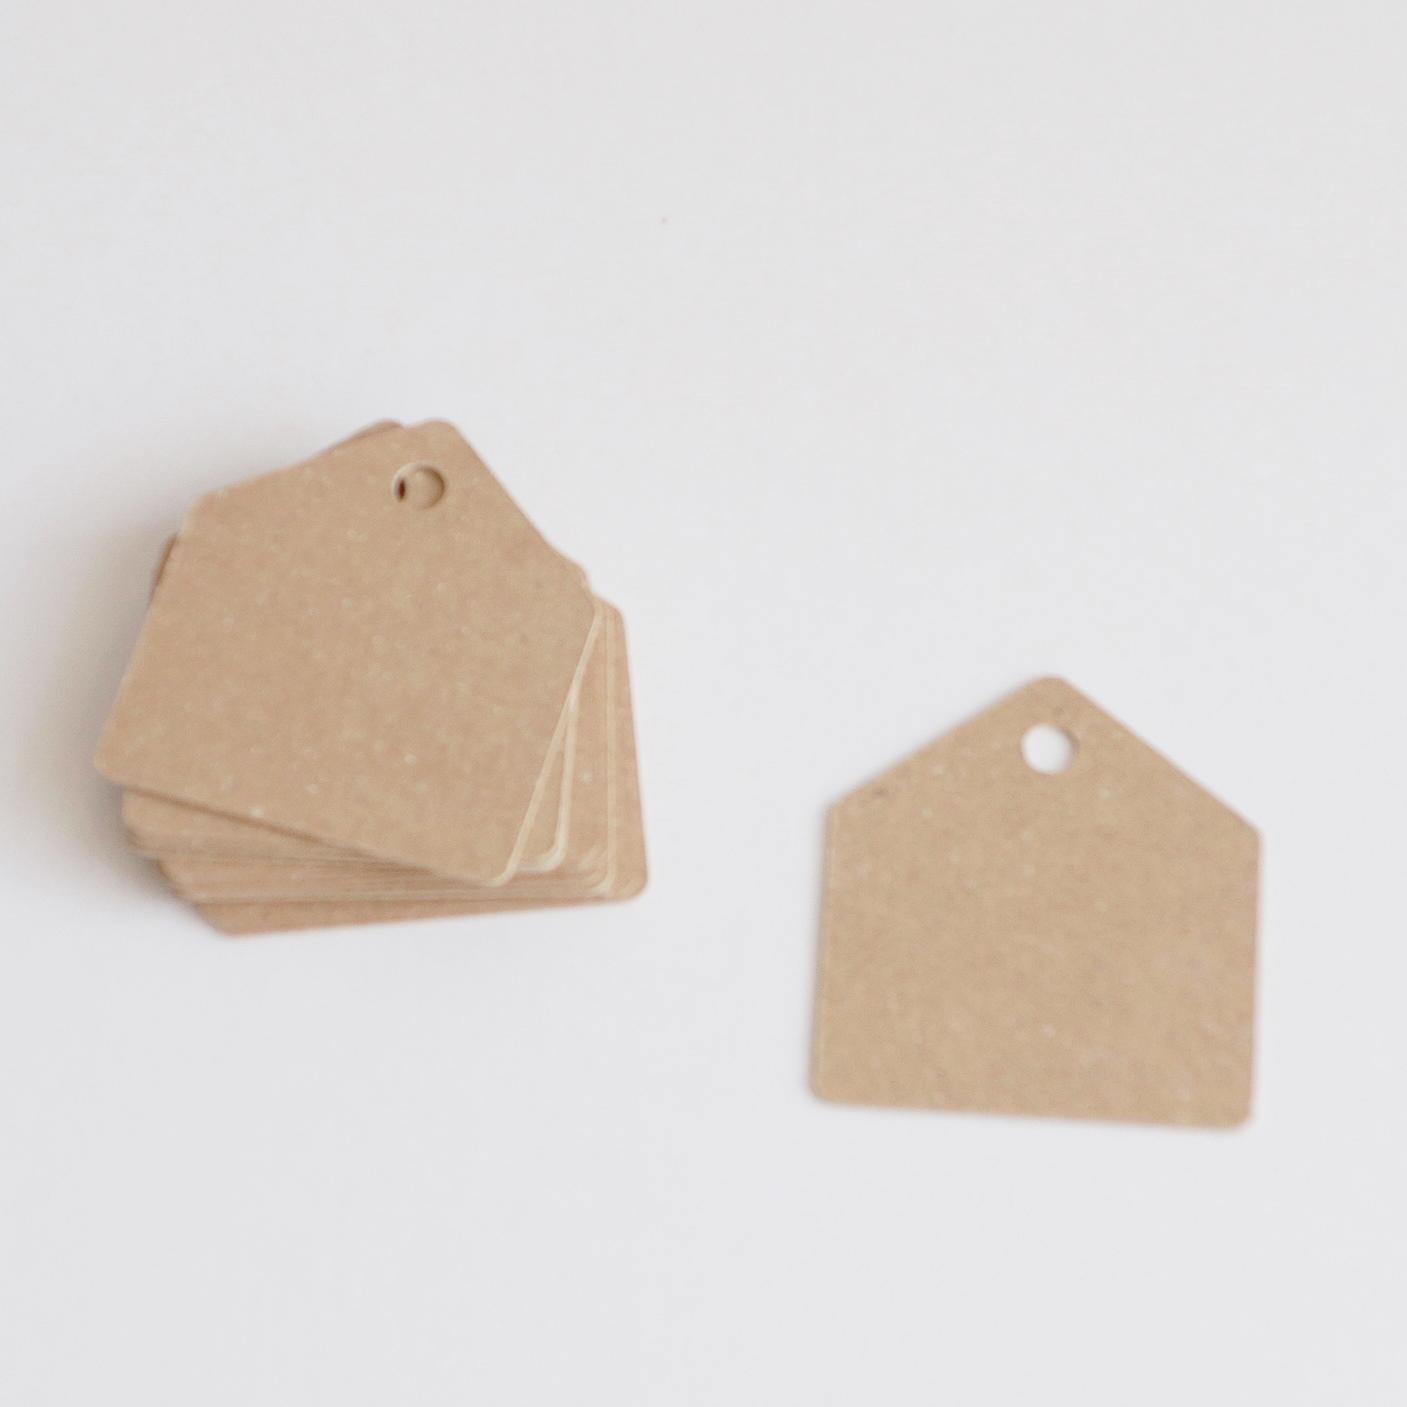 家型タグ クラフト(茶色) 10枚入